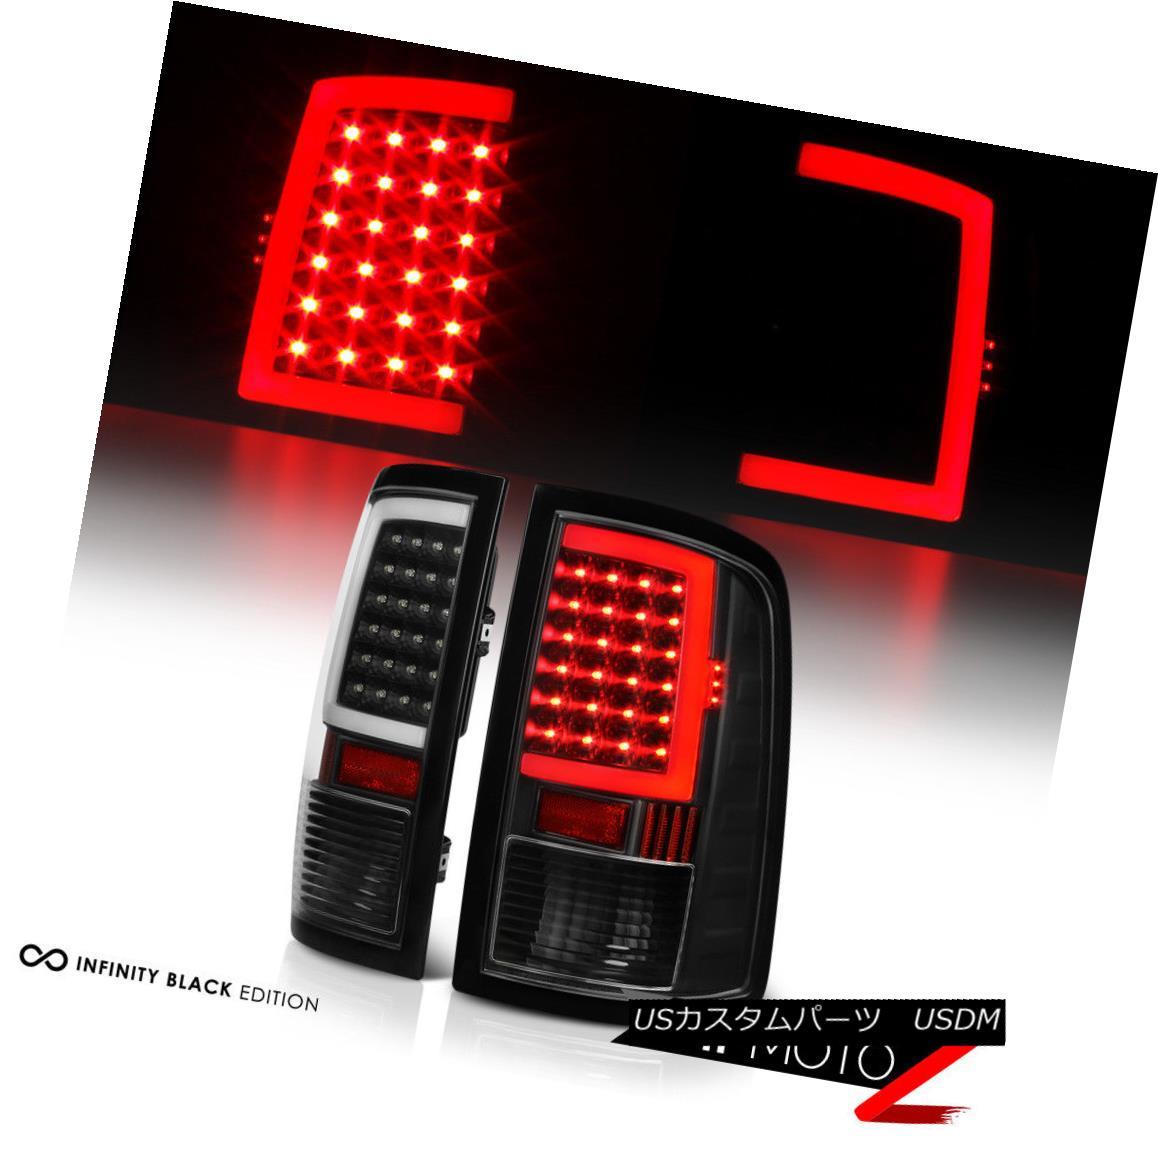 テールライト [OLED Neon Tube] 2009-2018 Dodge Ram 1500 2500 3500 Black LED Tail Lights 2016 [OLEDネオンチューブ] 2009-2018 Dodge Ram 1500 2500 3500ブラックLEDテールライト2016